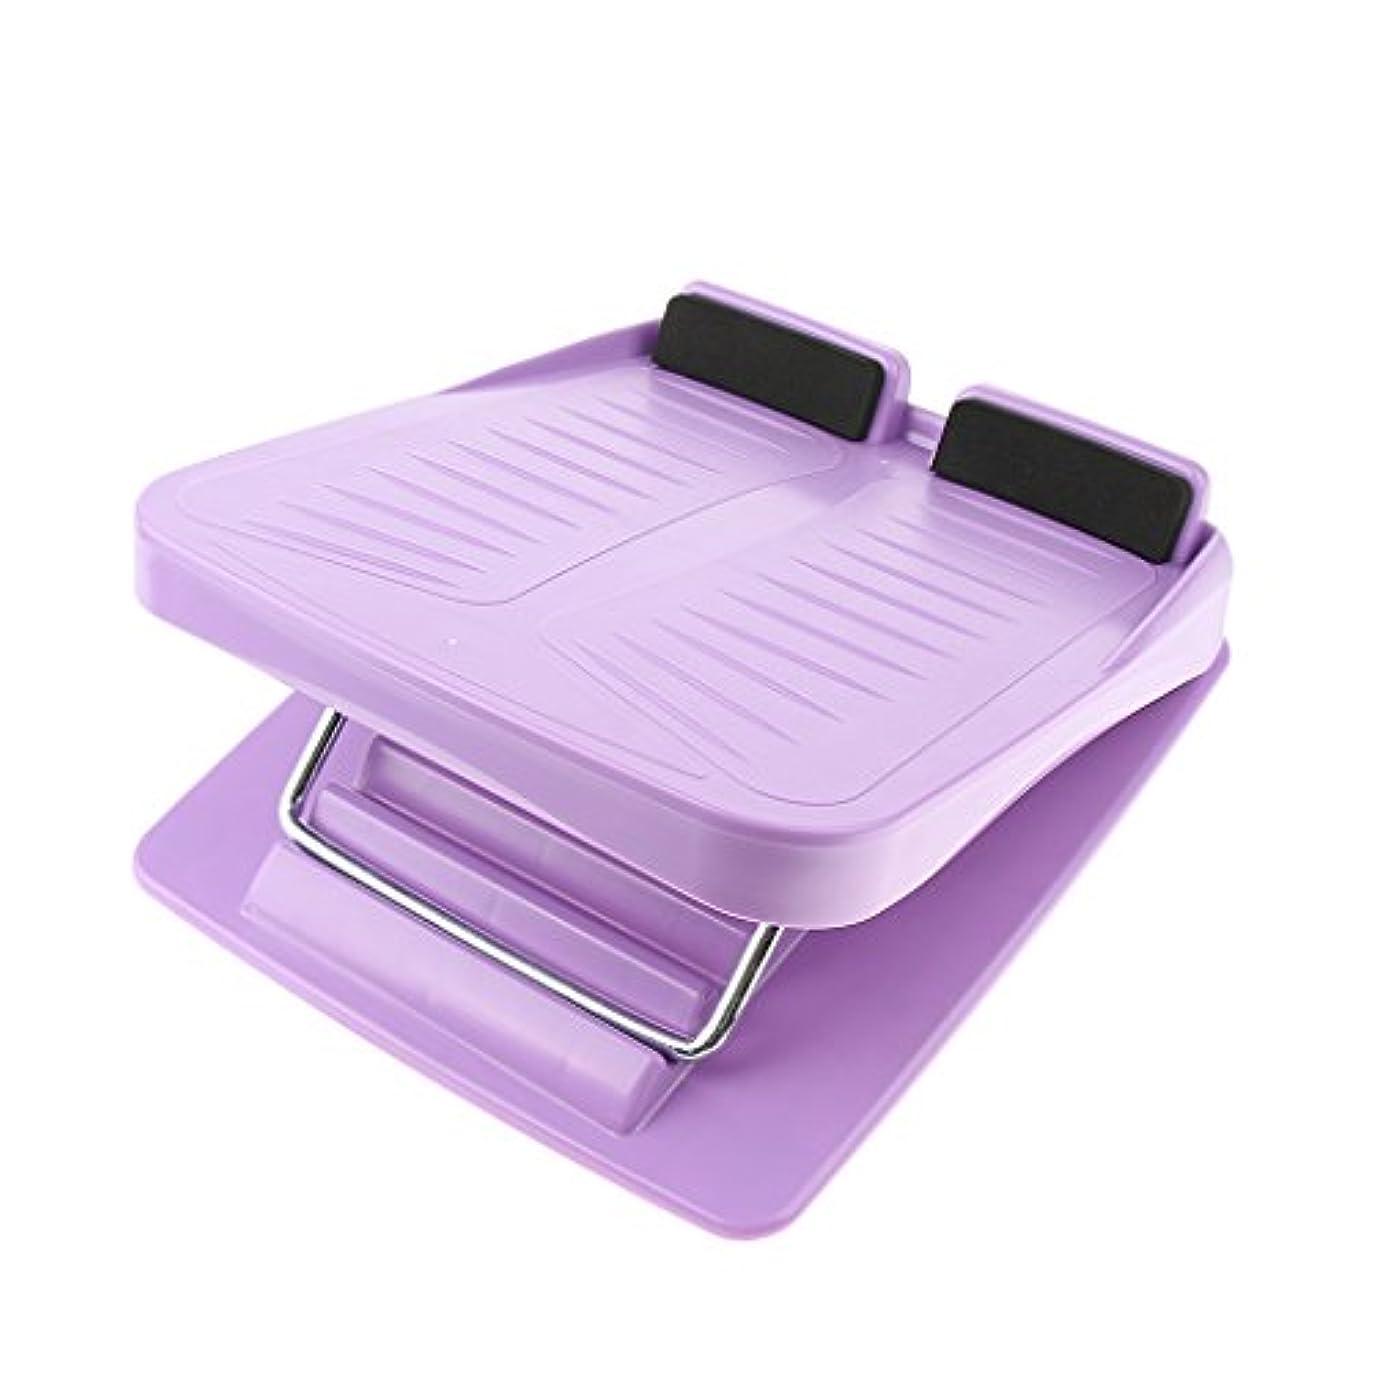 悲観主義者聴覚障害者魔術師P Prettyia ストレッチボード ストレッチ台 調整可能 アンチスリップ カーフストレッチ 斜面ボード 全3色 - 紫の